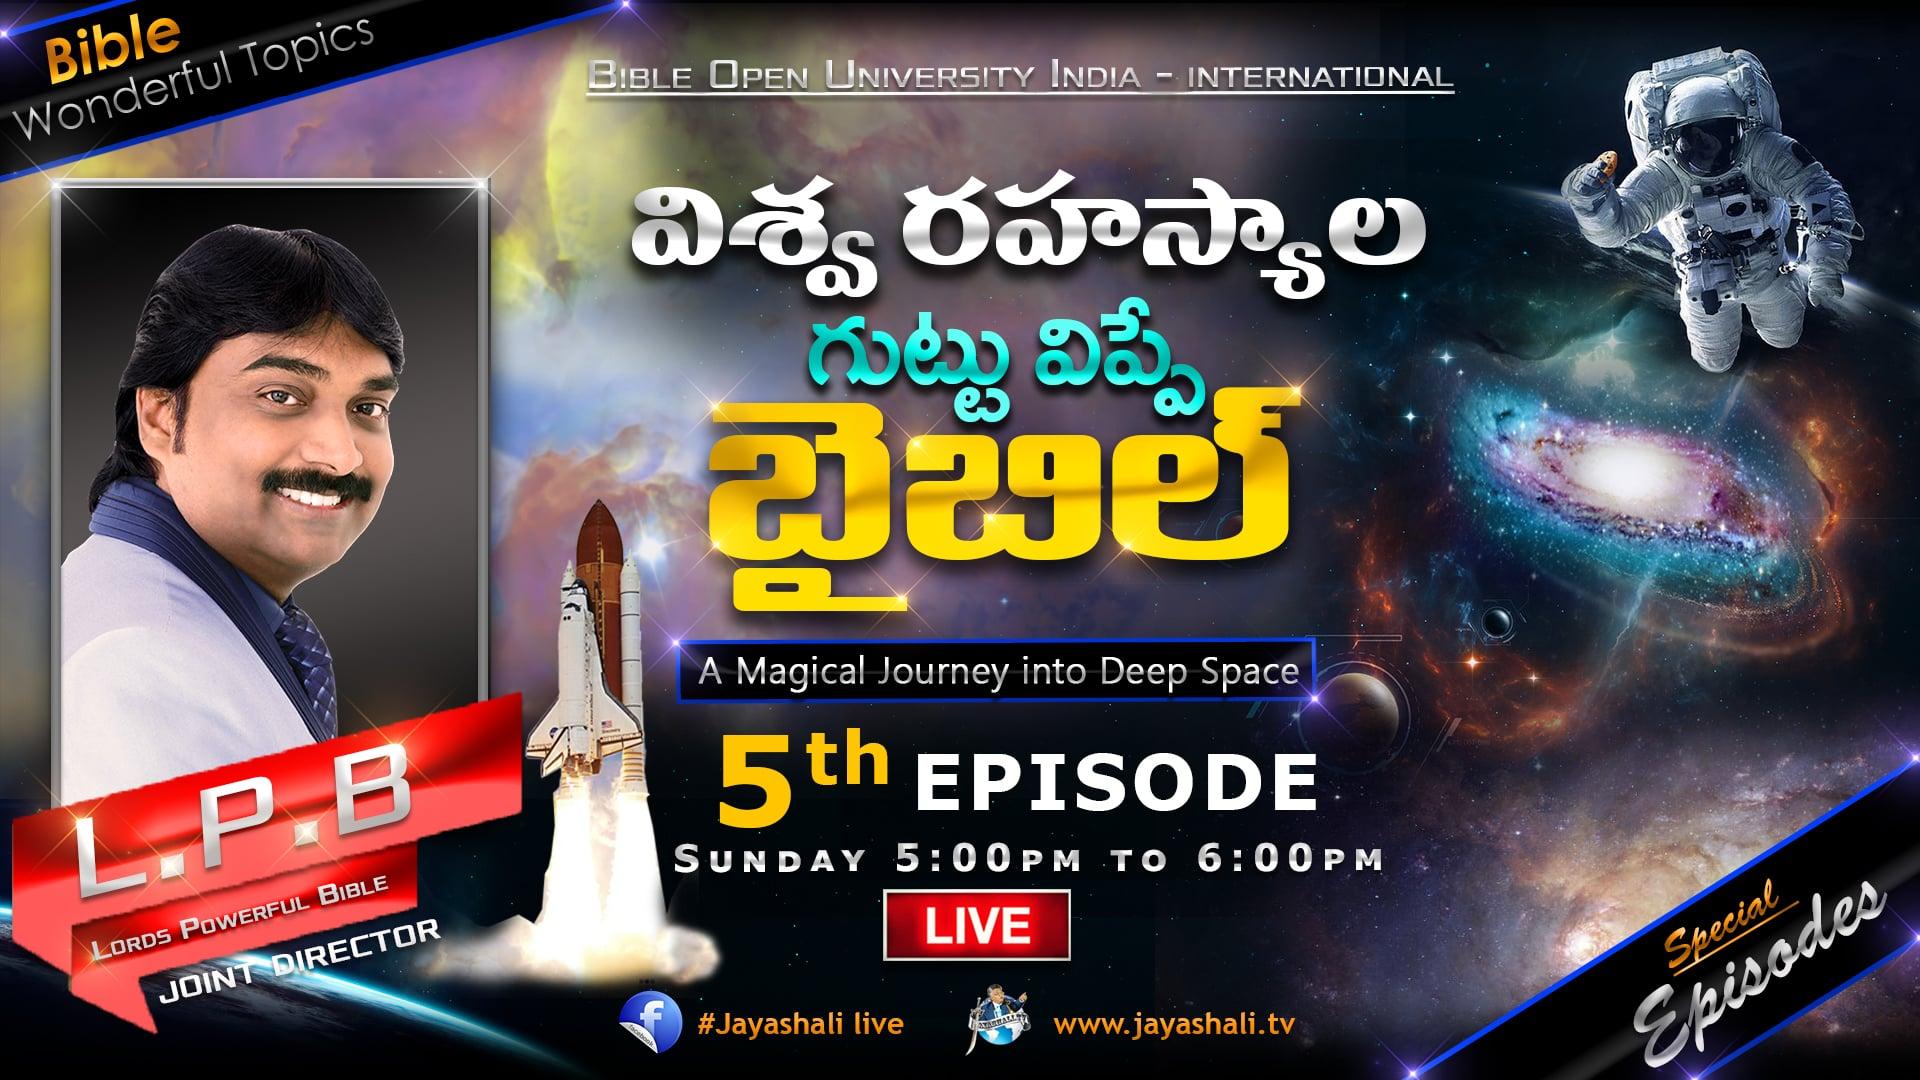 విశ్వరహస్యల గుట్టు విప్పే బైబిల్ Part 5 | Jayashali.tv